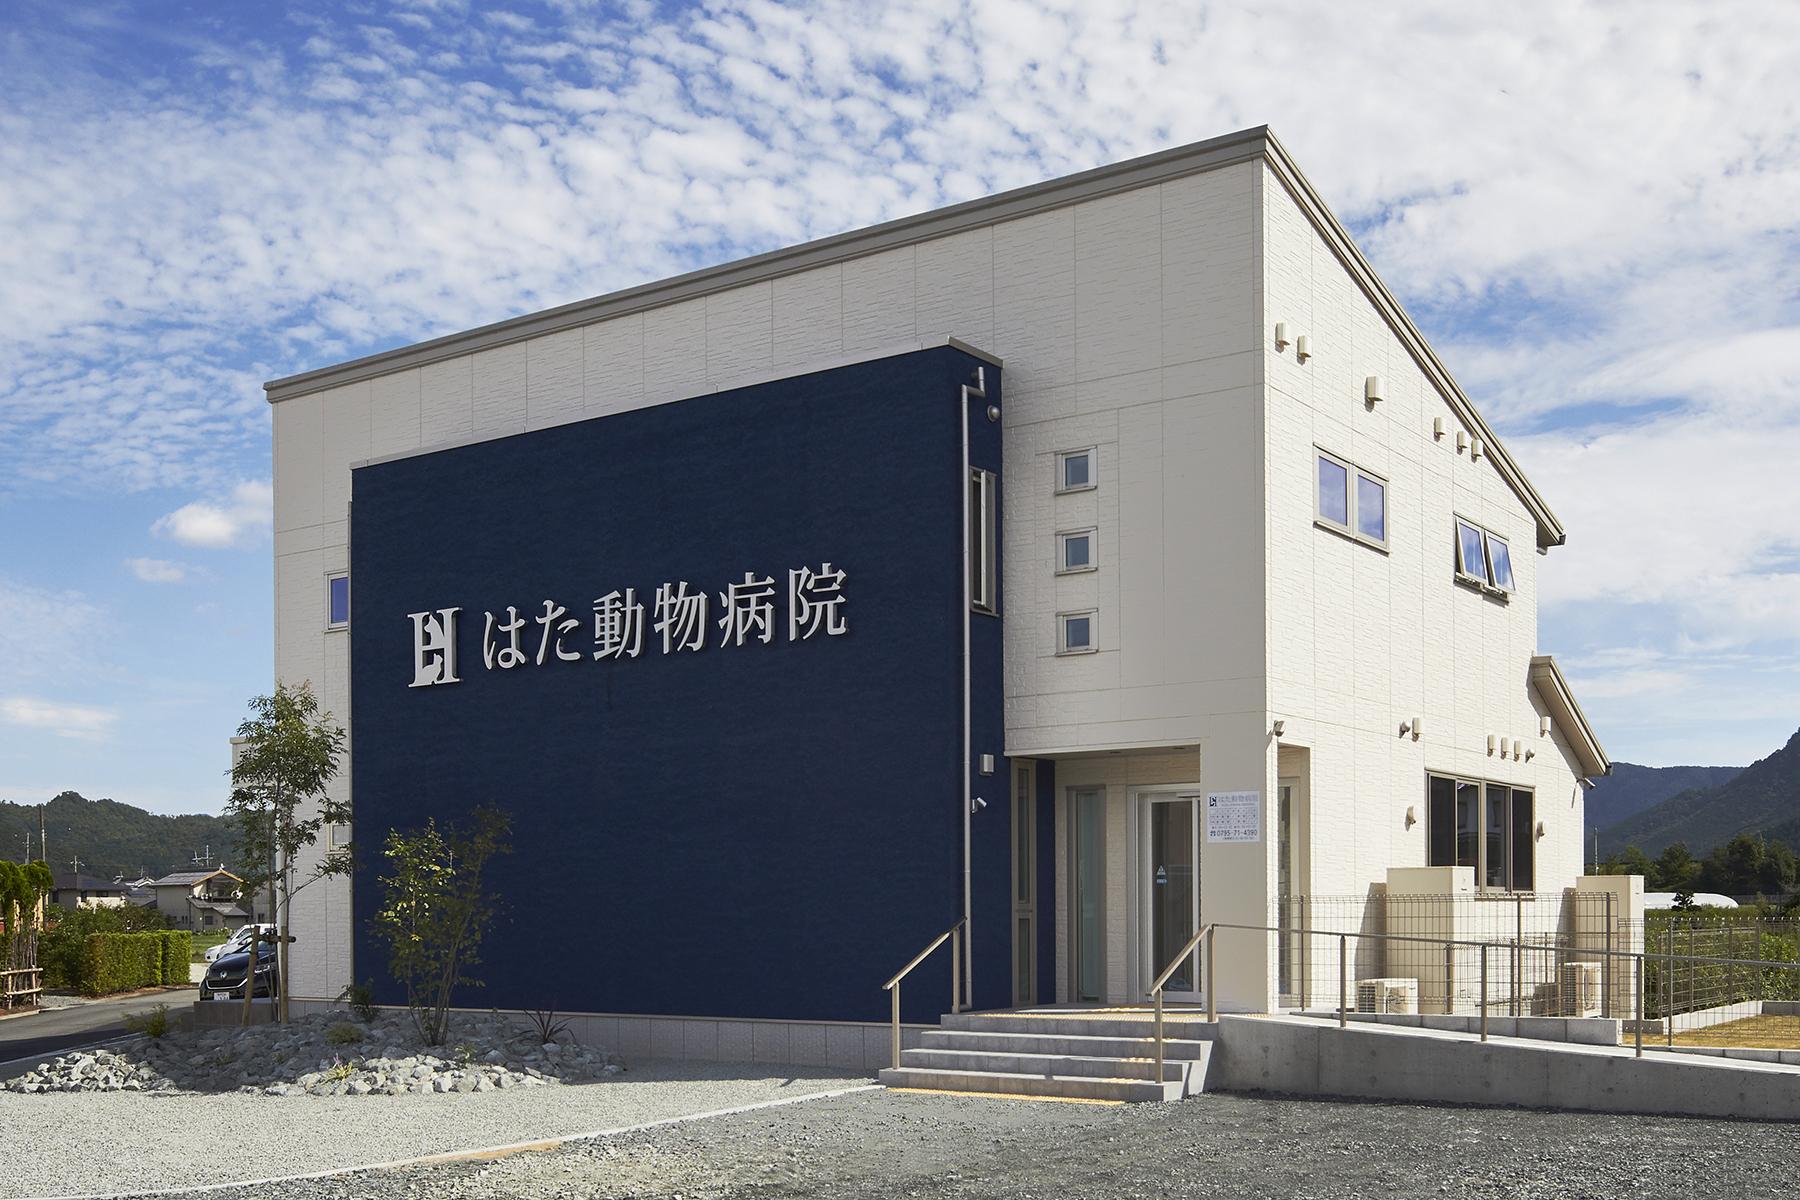 建築撮影、兵庫県丹波市